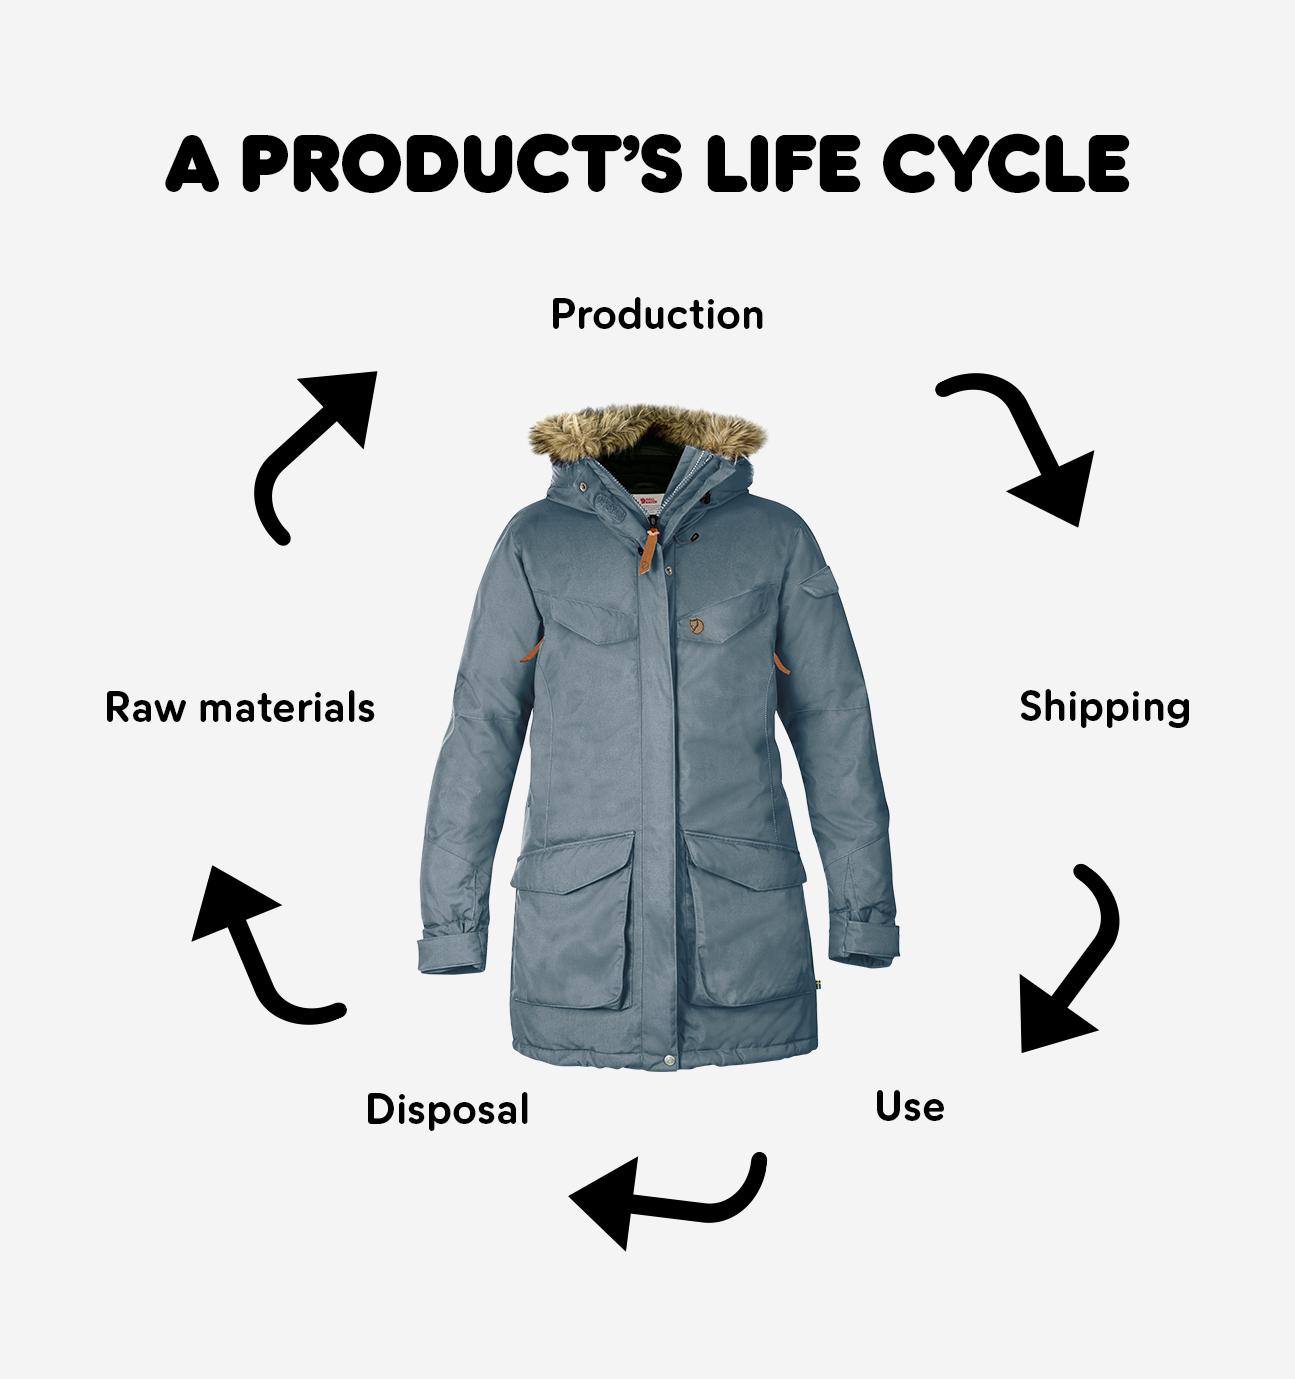 Life cycle of a fjällräven jacket